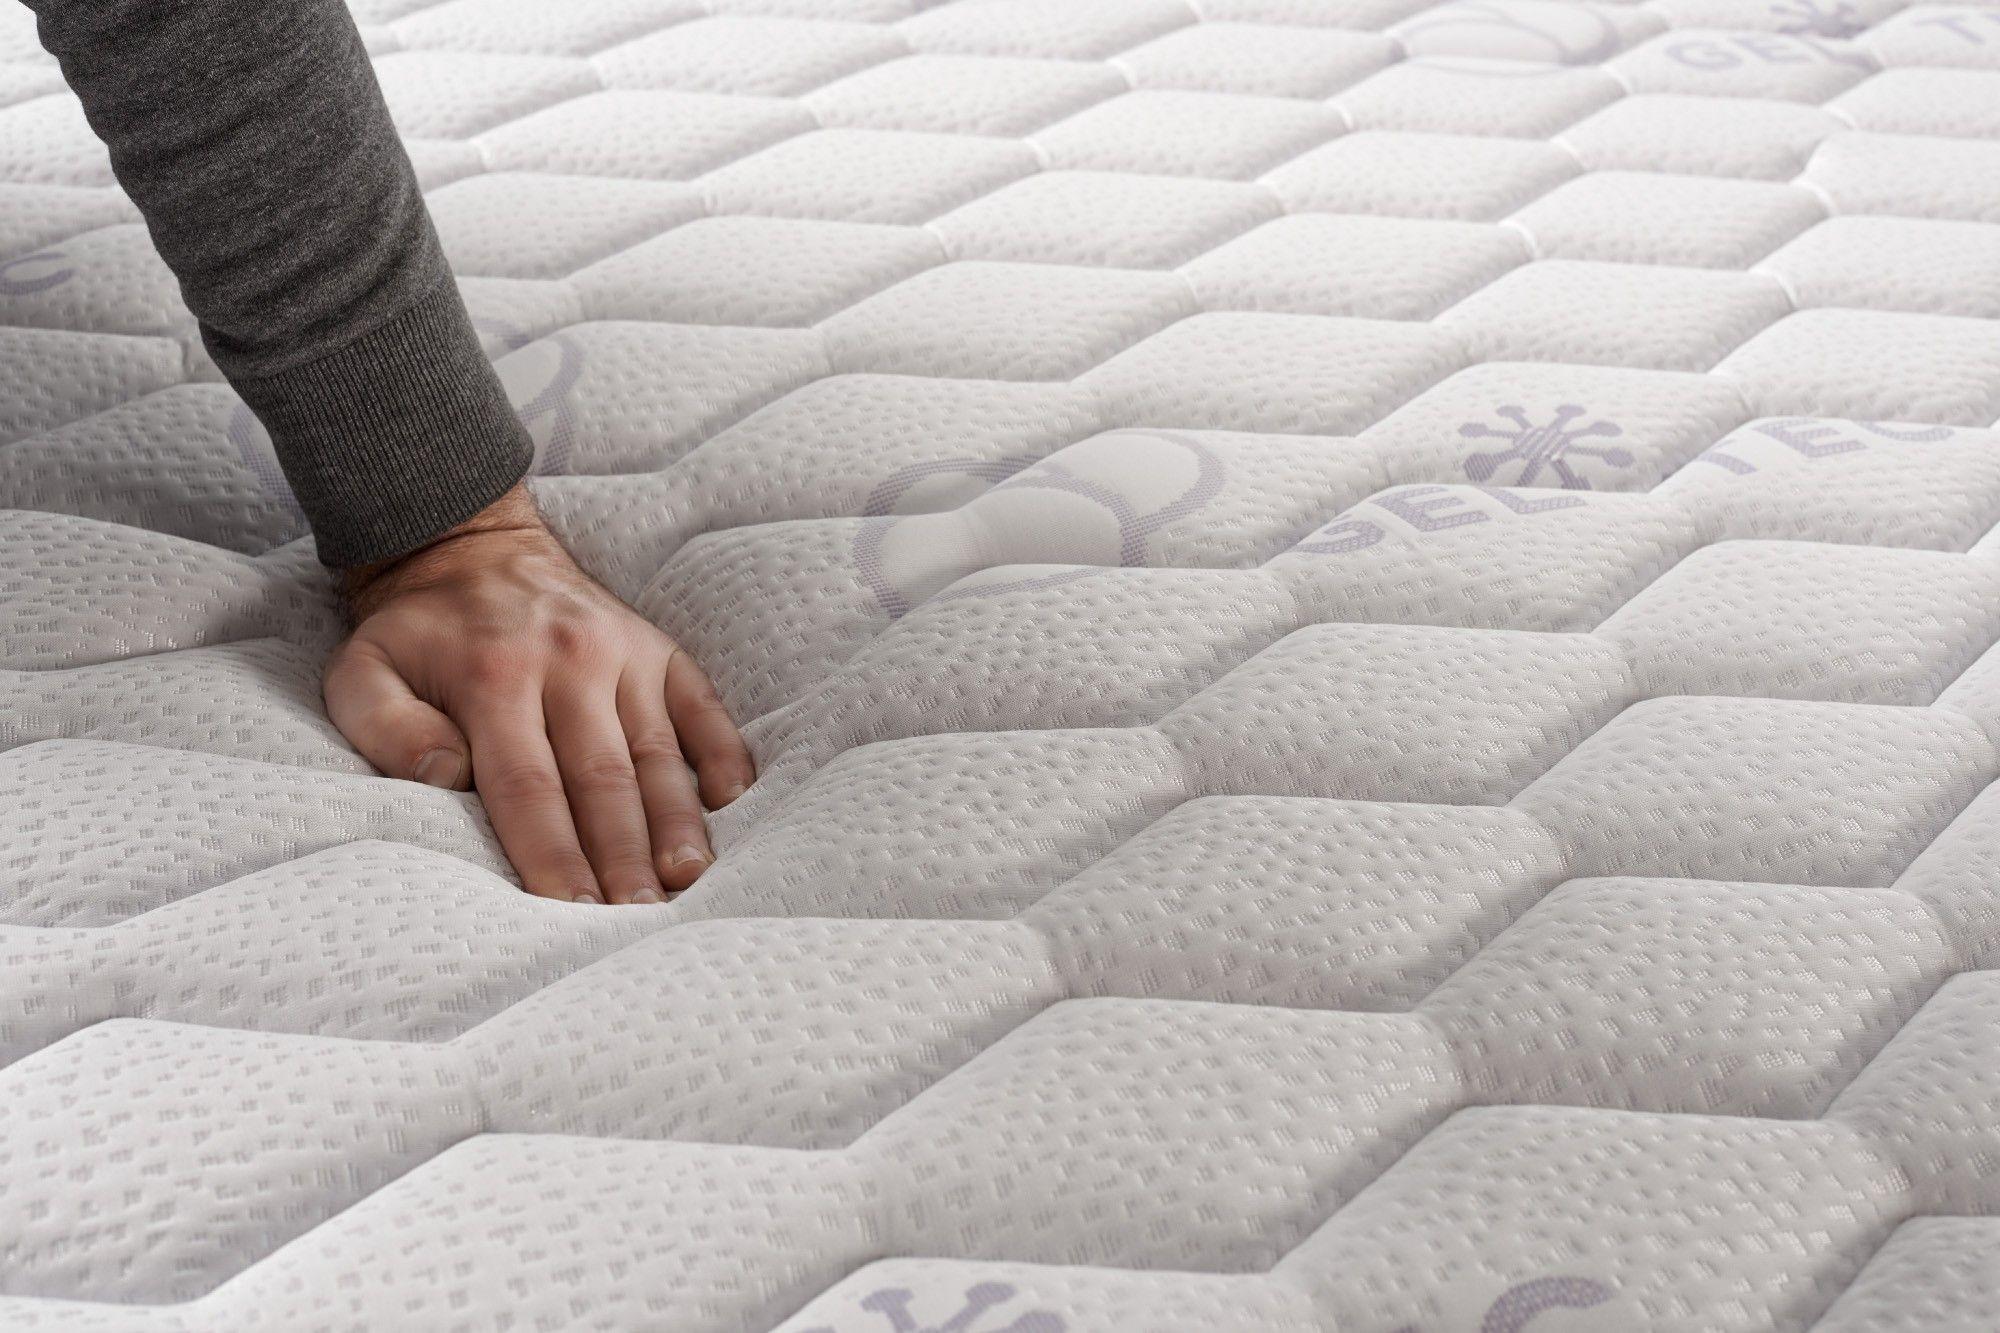 Equipado con el FibraFeel V300, el colchón ofrece una óptima regulación de la transpiración gracias a su capacidad de absorción de humedad.